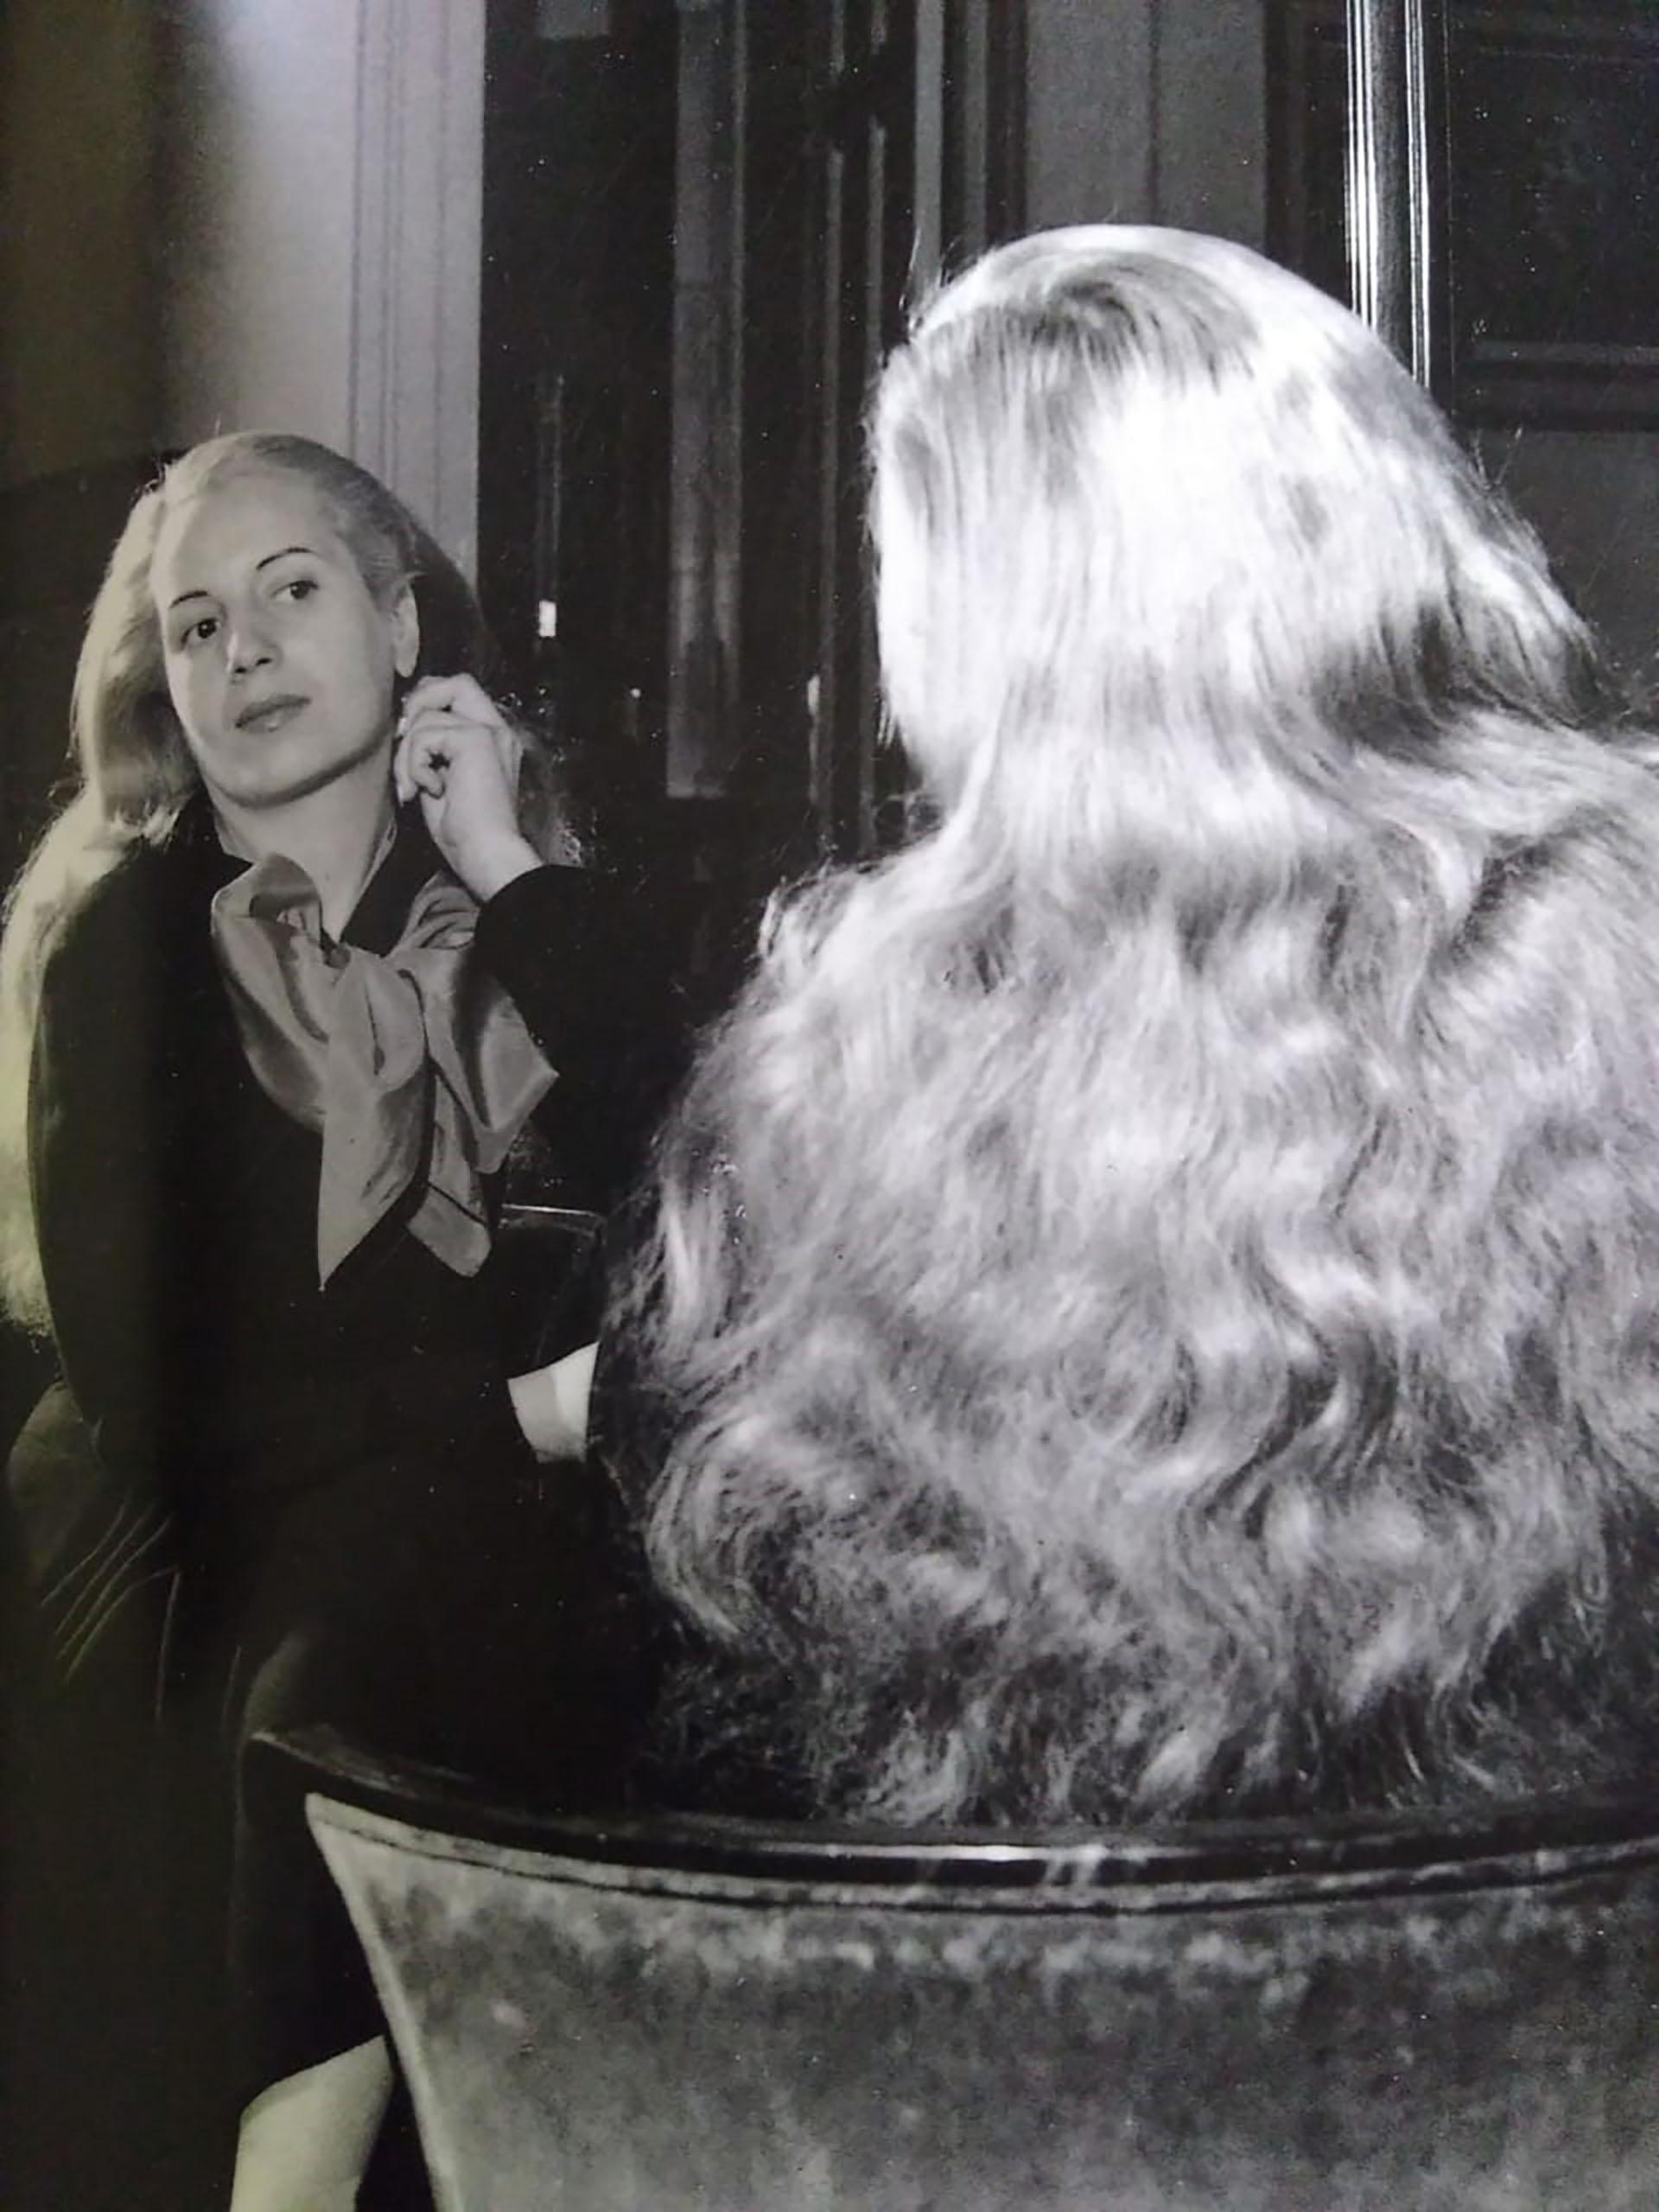 """En Junín, Eva permanece hasta 1935. Su casa, ubicada en Roque Vázquez, se conserva aún hoy. Allí se consolida su faceta artística. En su autobiografía """"La razón de mi vida"""" cuenta: """"Siendo una chiquilla, siempre deseaba declamar. Era como si quisiese decir siempre algo a los demás, algo grande, que yo sentía en lo más hondo de mi corazón"""""""